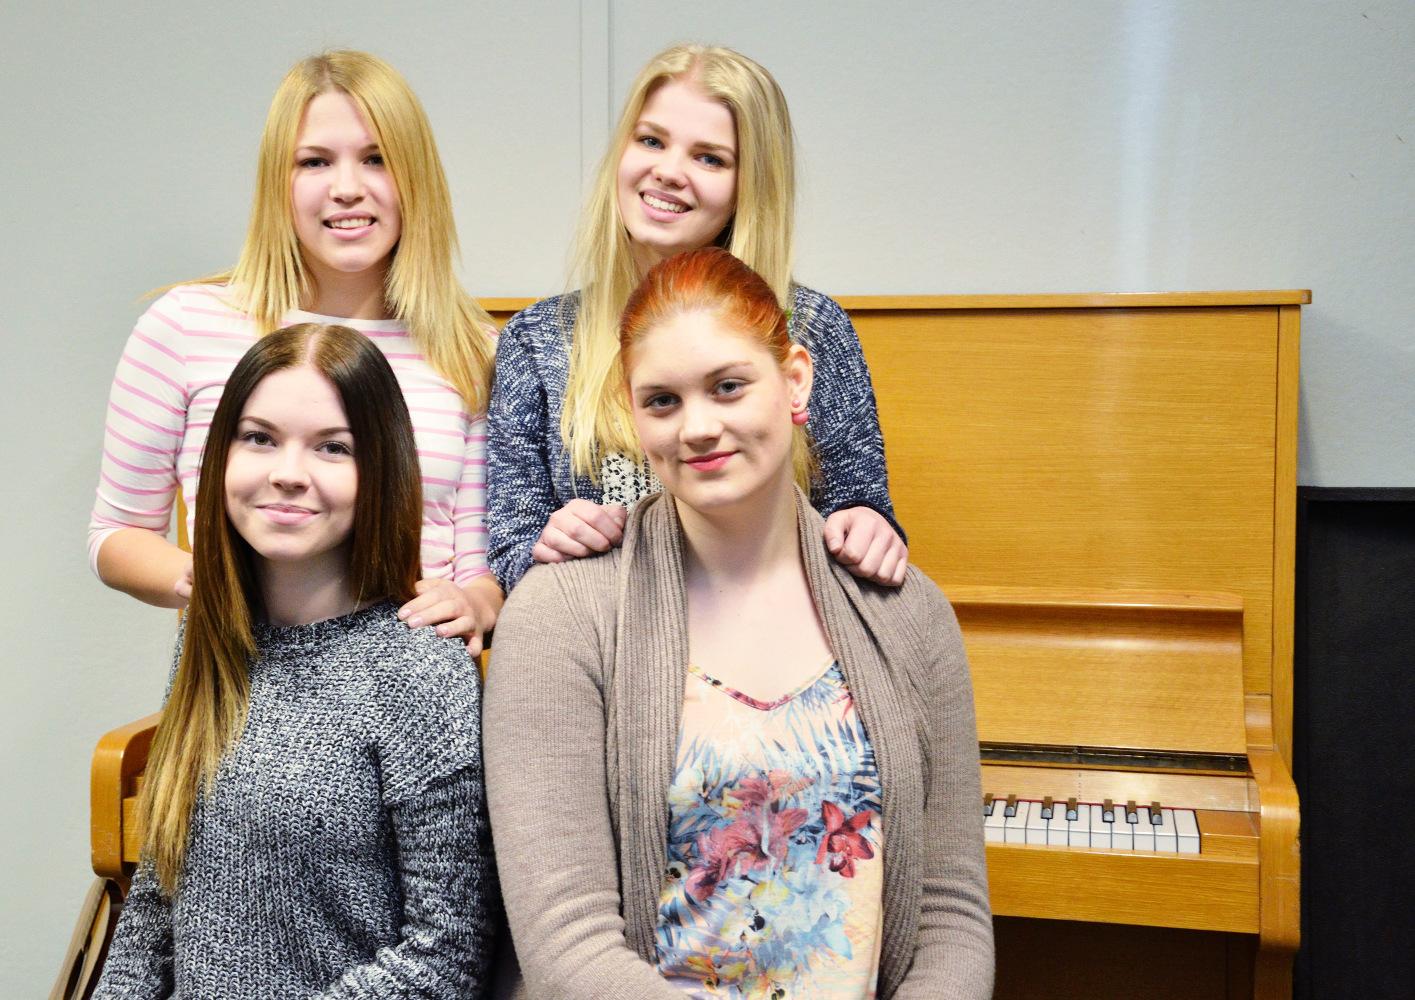 Takana Melina Tolppala ja Lumi Salmela, edessä Susanna Mahlamäki ja Riikka Mäkelä. Kuva: Otto Ketonen